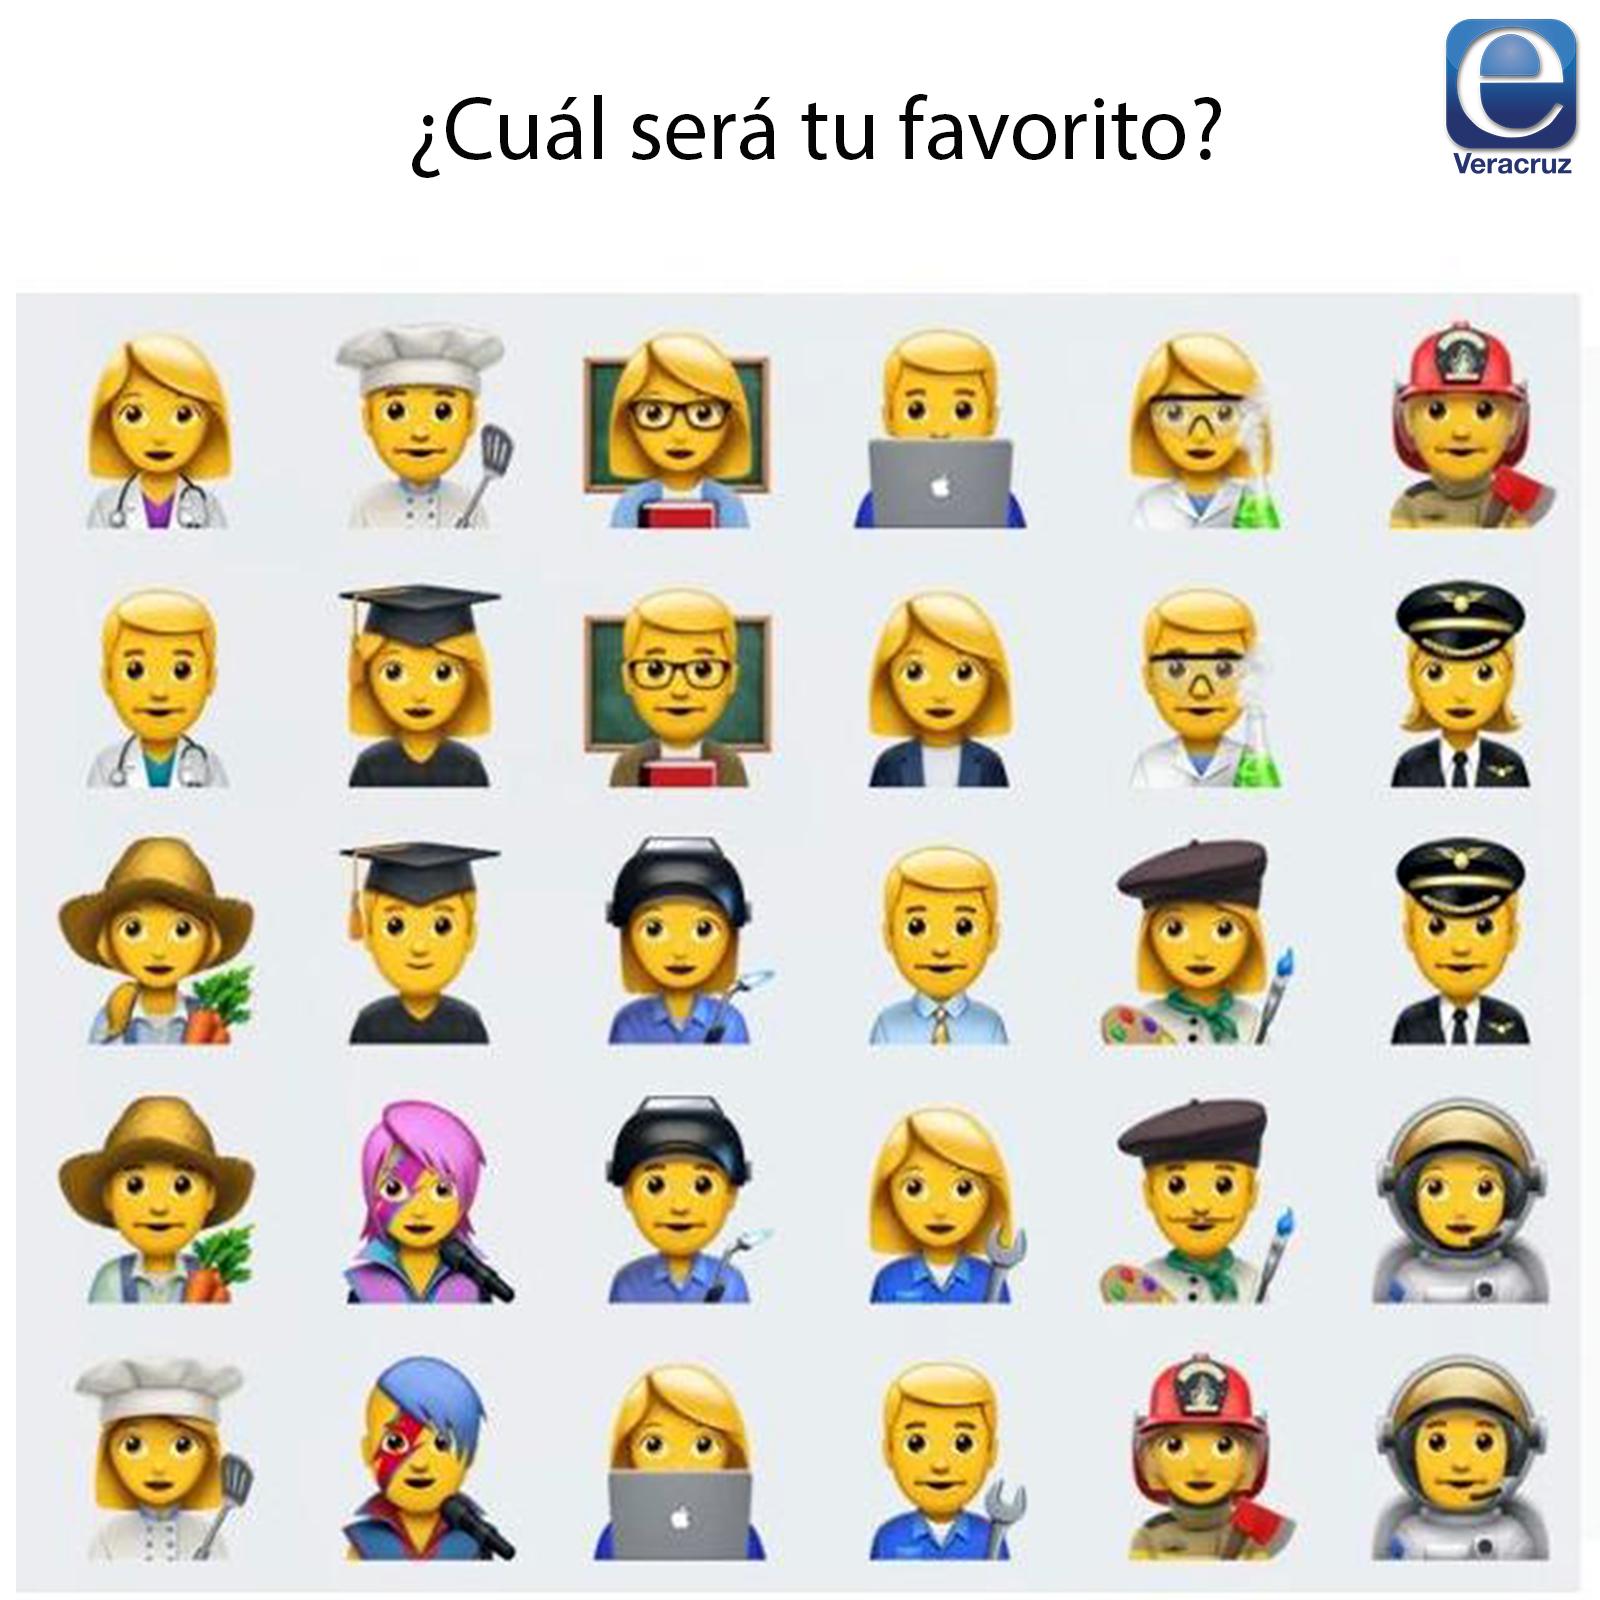 Llegaron los nuevos emojis a Wathsapp